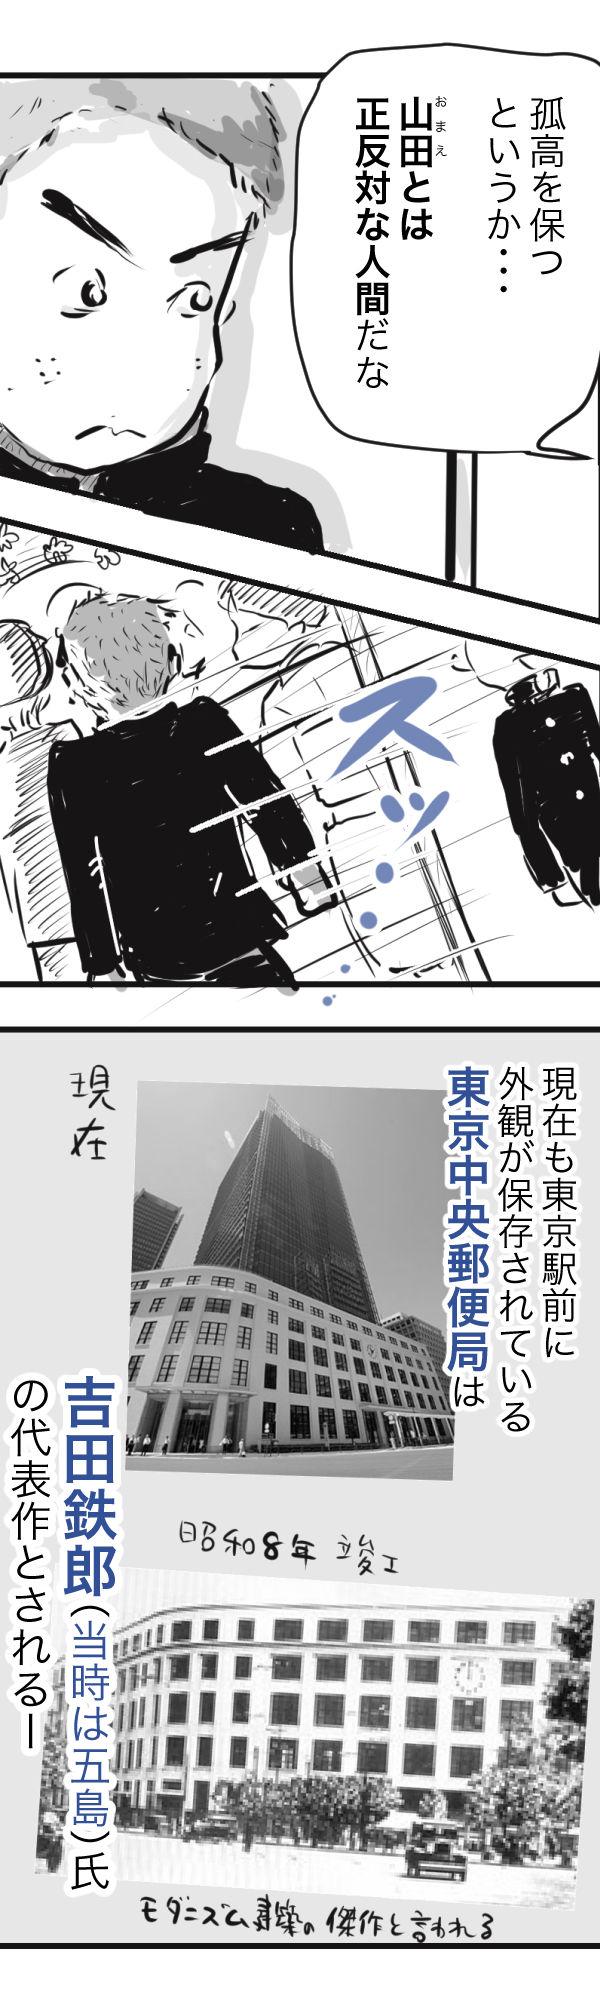 山田 金沢 4−4−4